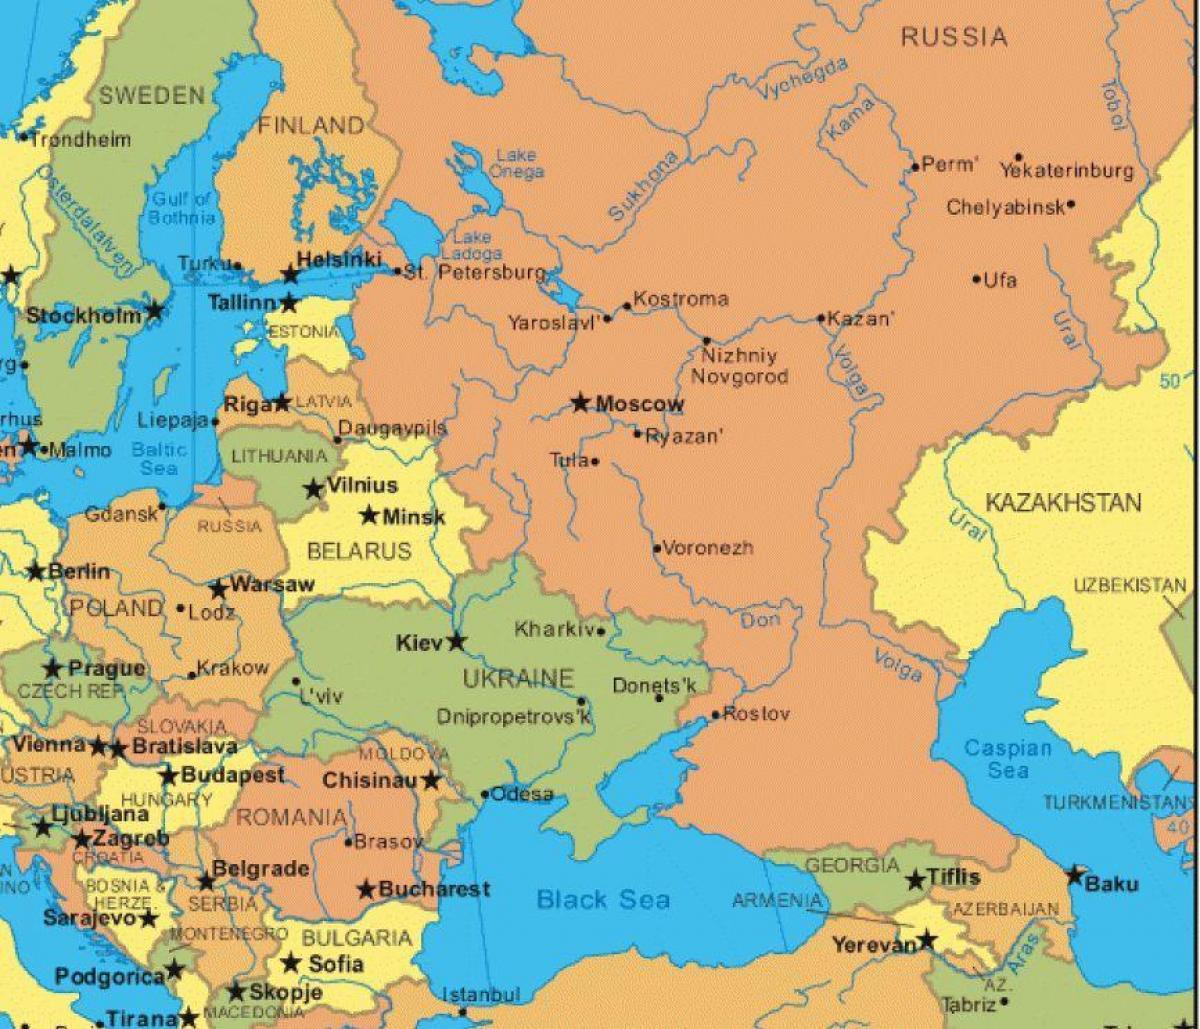 Mapa Europa Del Este.Mapa De Rusia Y Europa Del Este Mapa De Europa Del Este Y